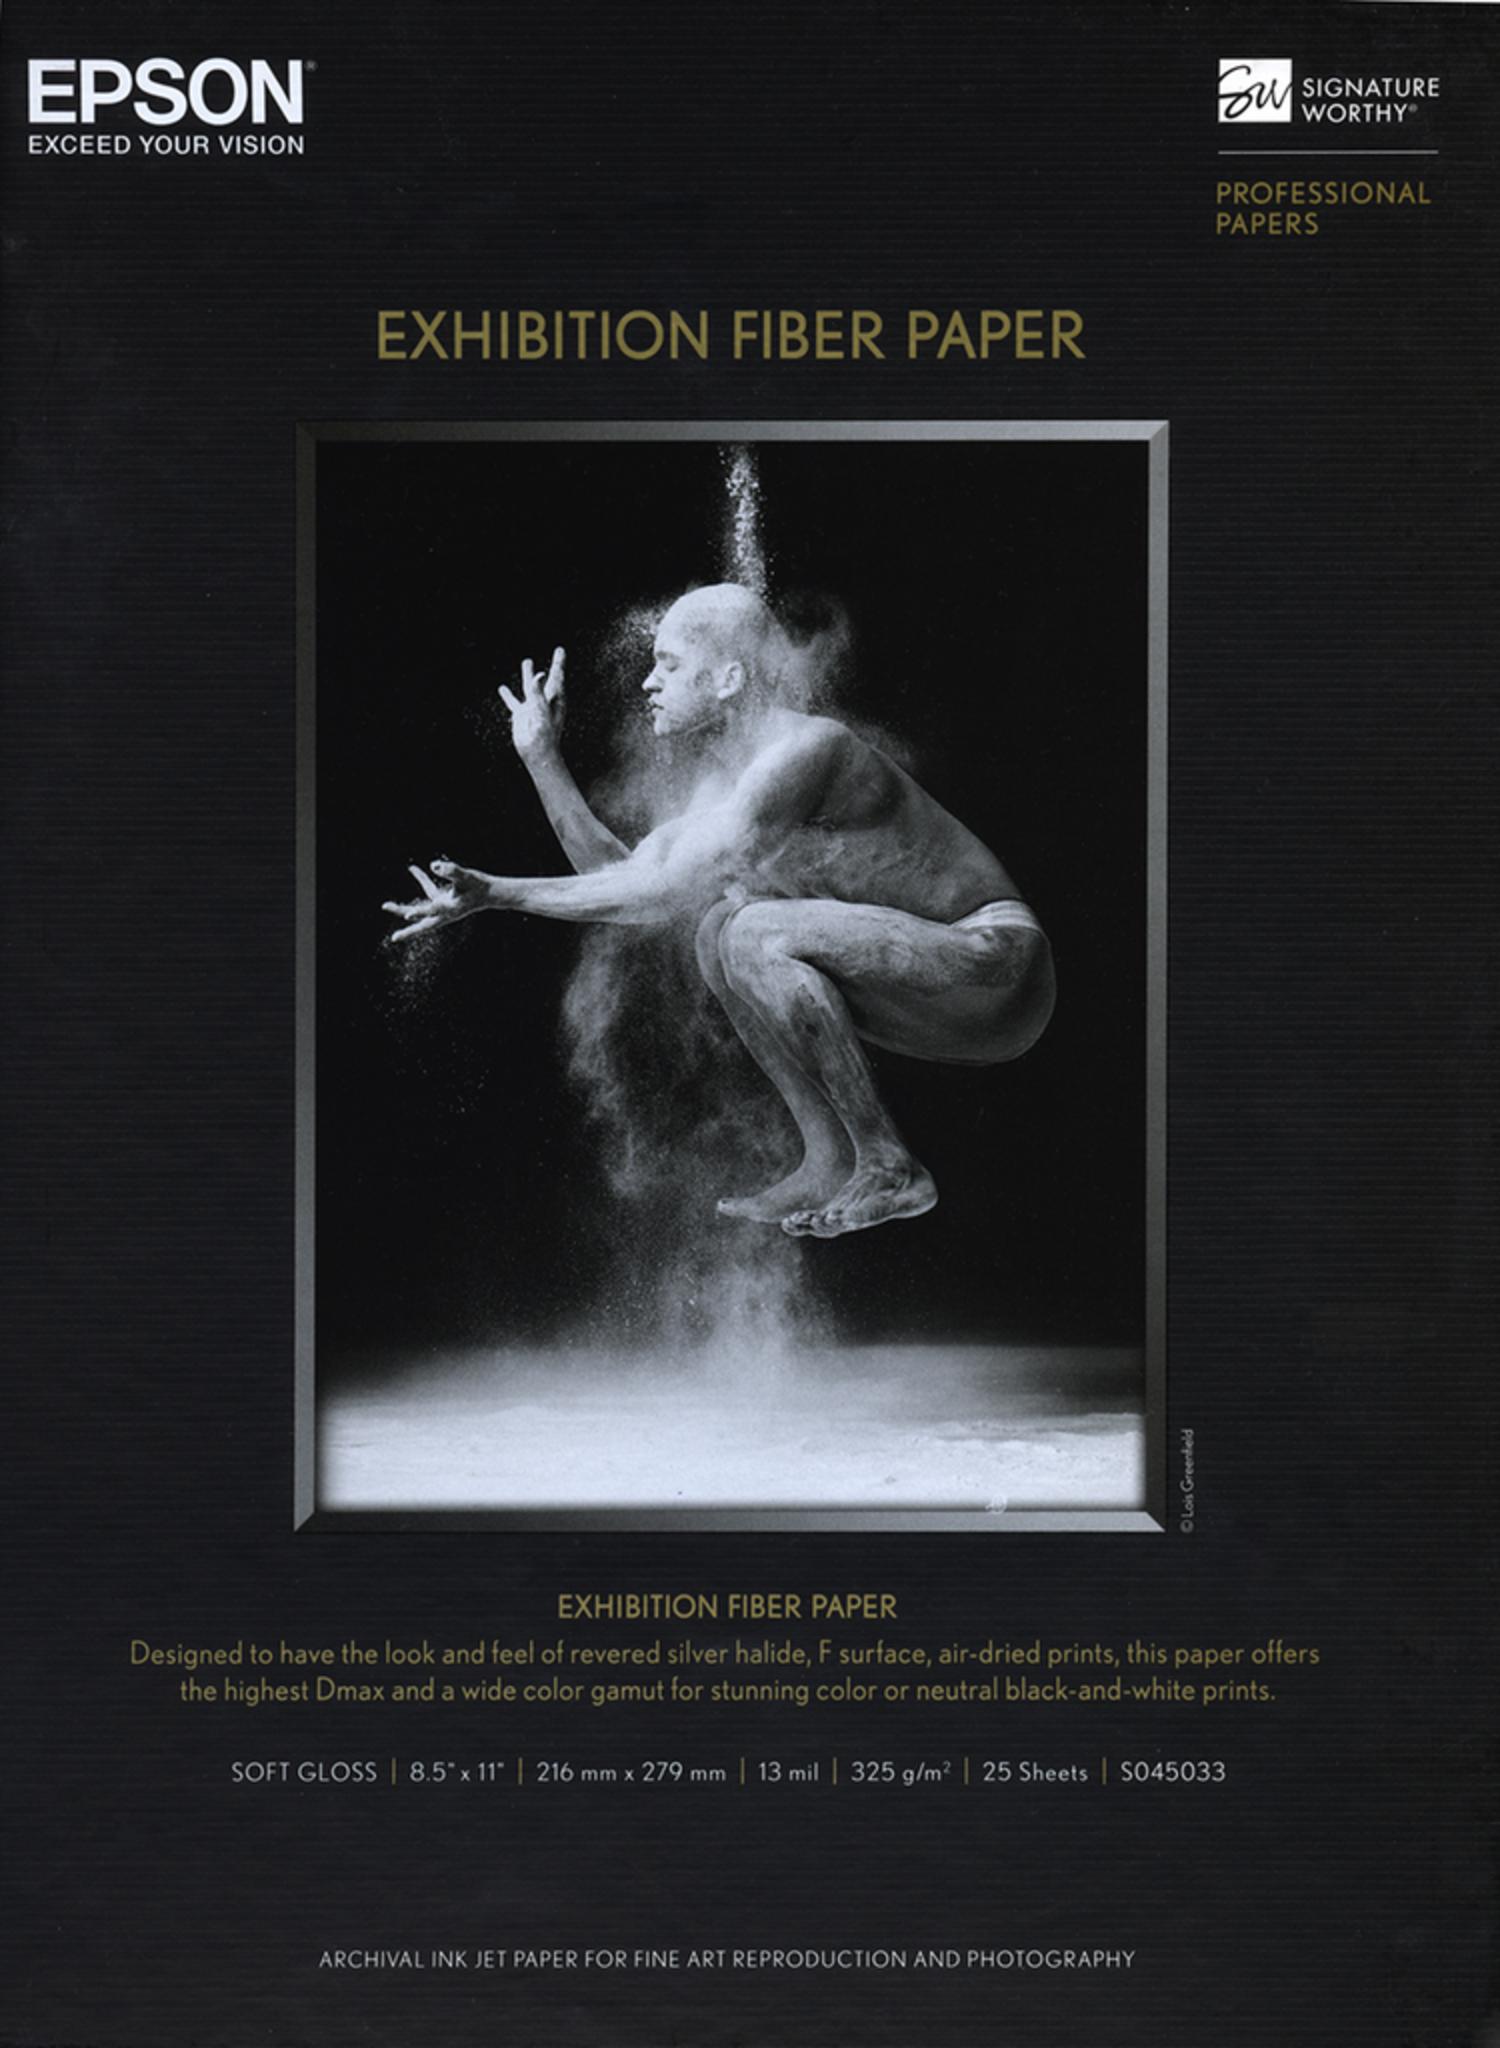 Epson Exhibition Fiber Paper - 13x19 - 25 Sheets